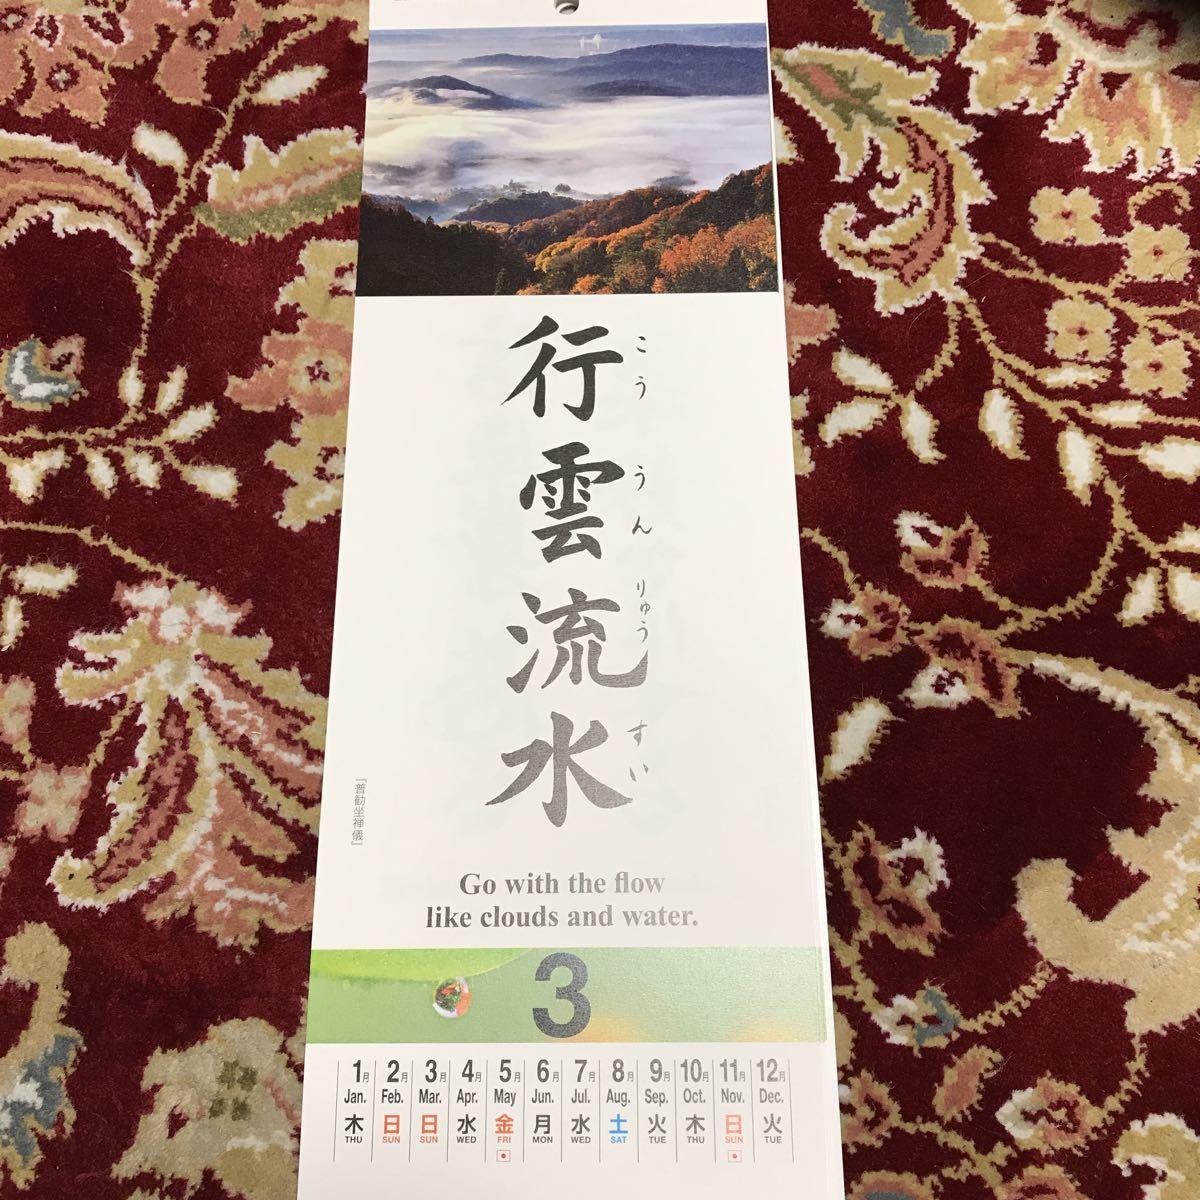 一日一訓カレンダー『正しい念い』ー八正道シリーズ 正念ー_画像3